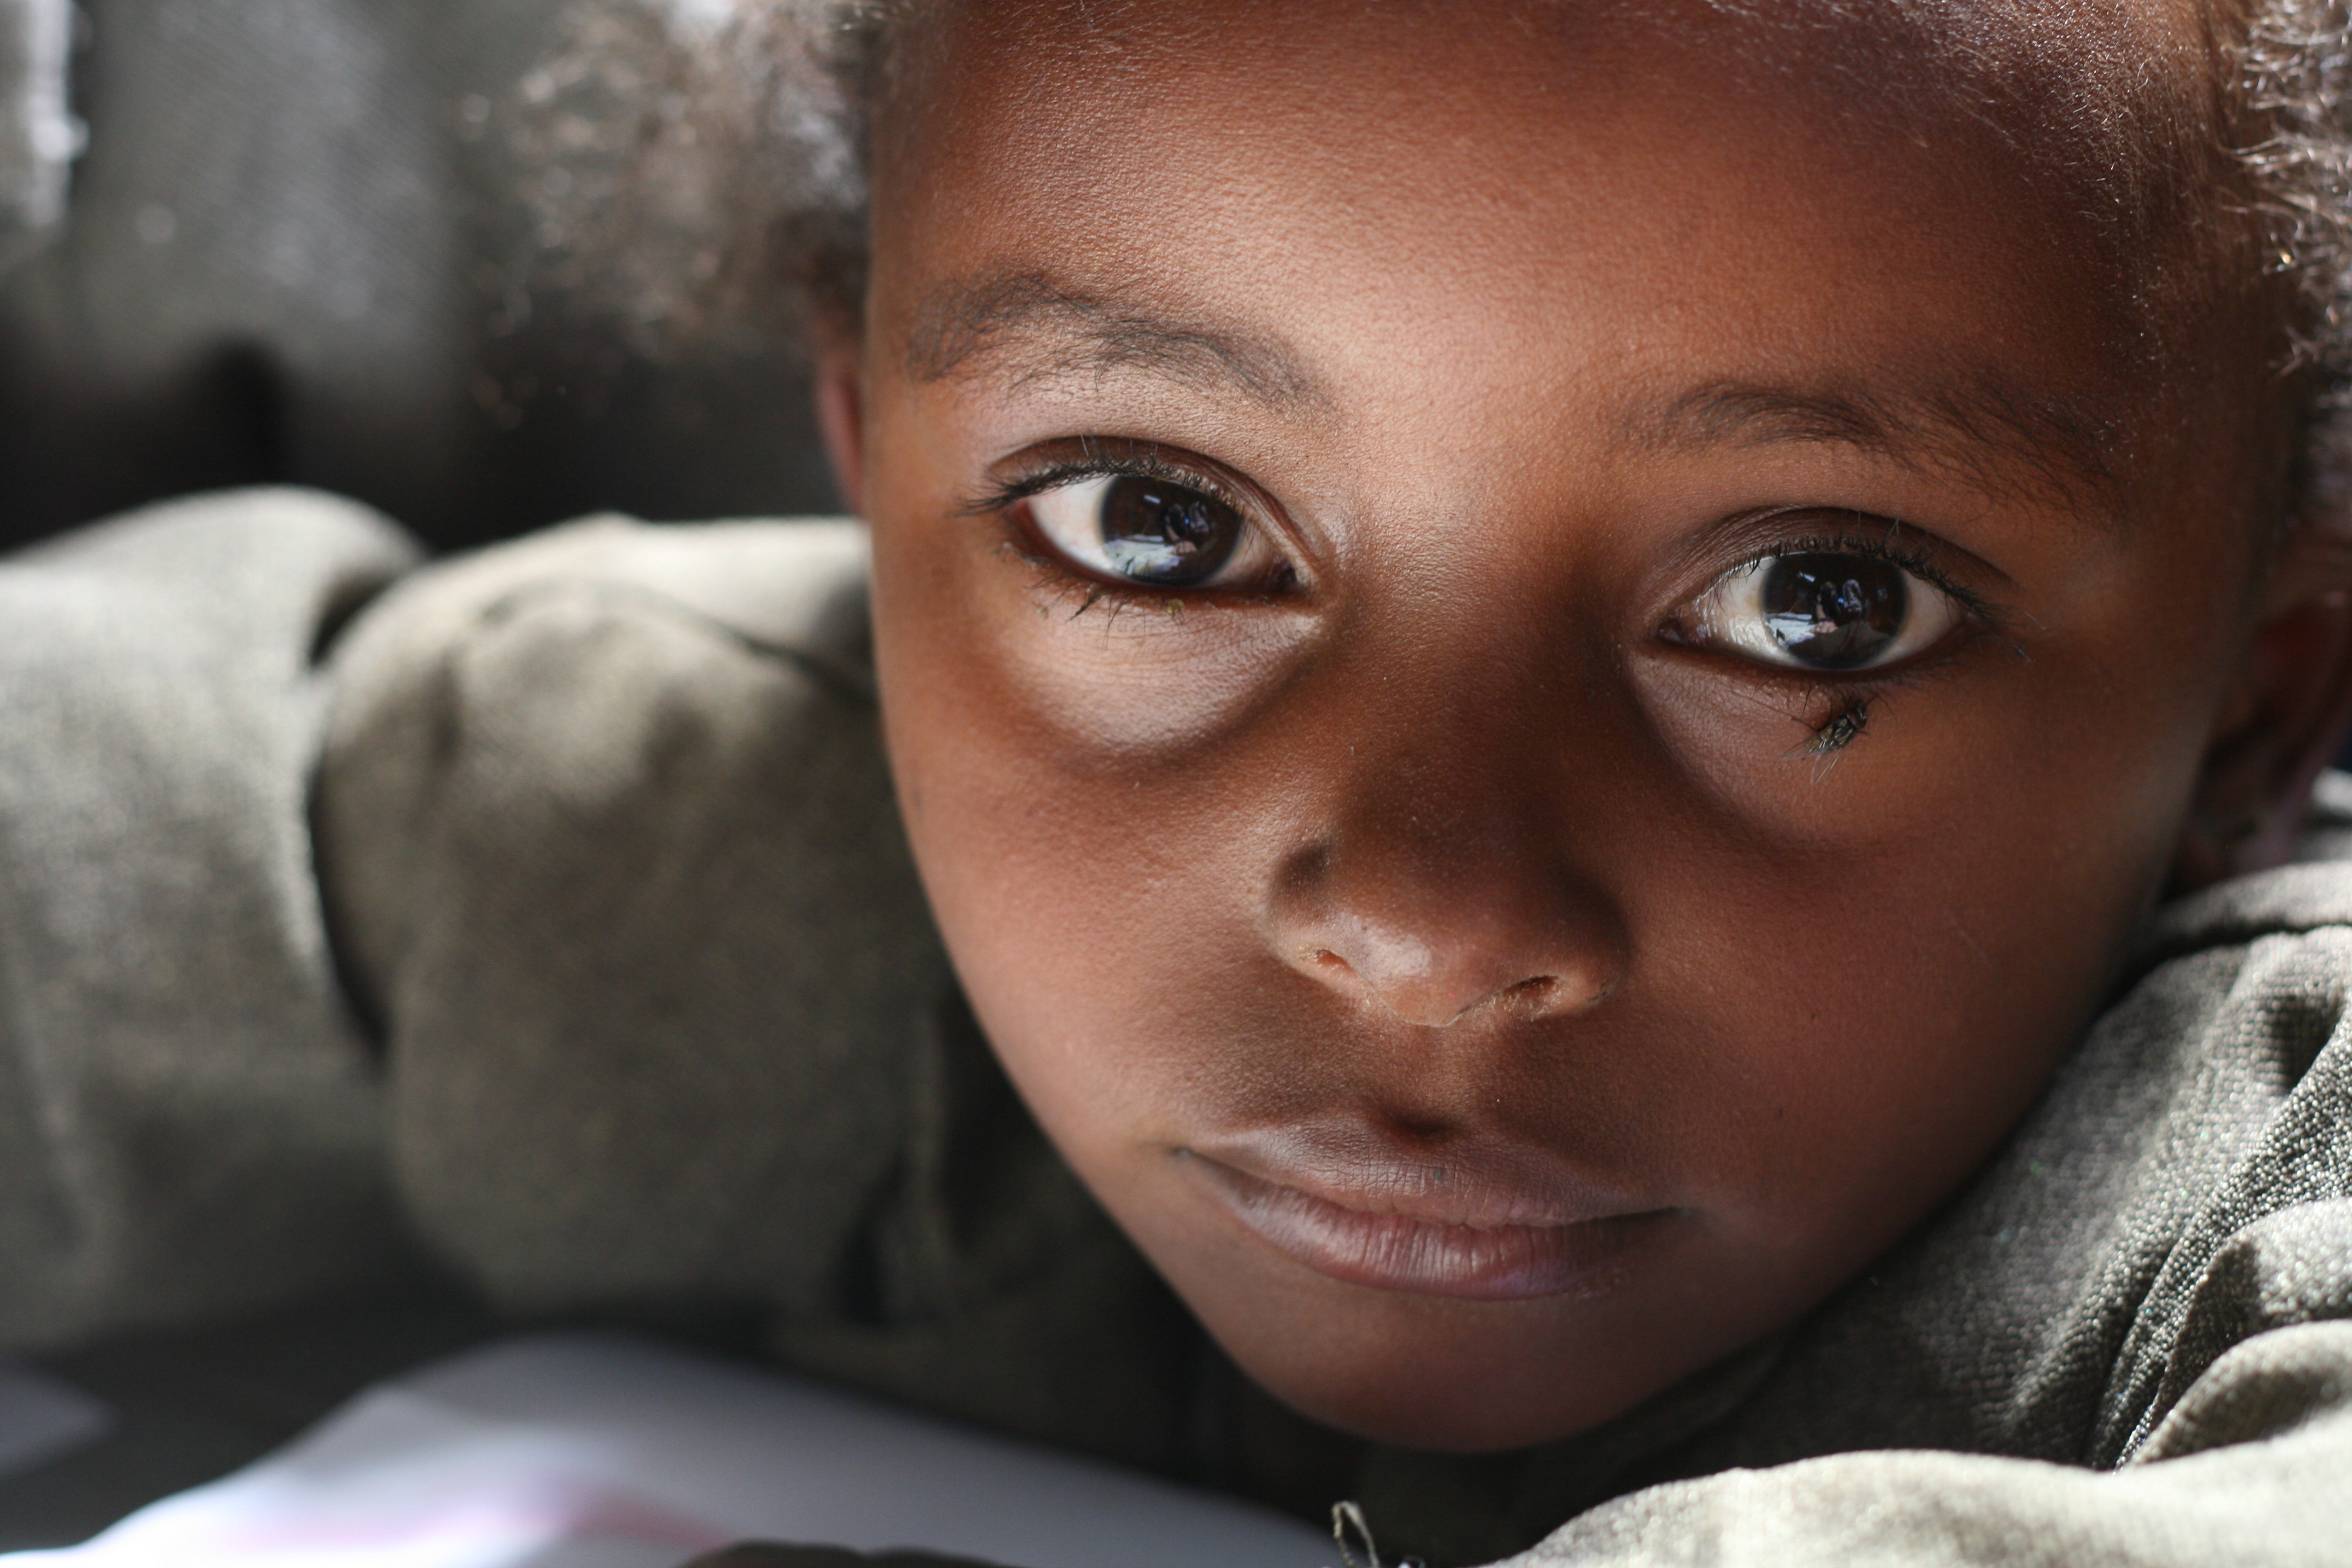 Sad African Children School | www.pixshark.com - Images ...